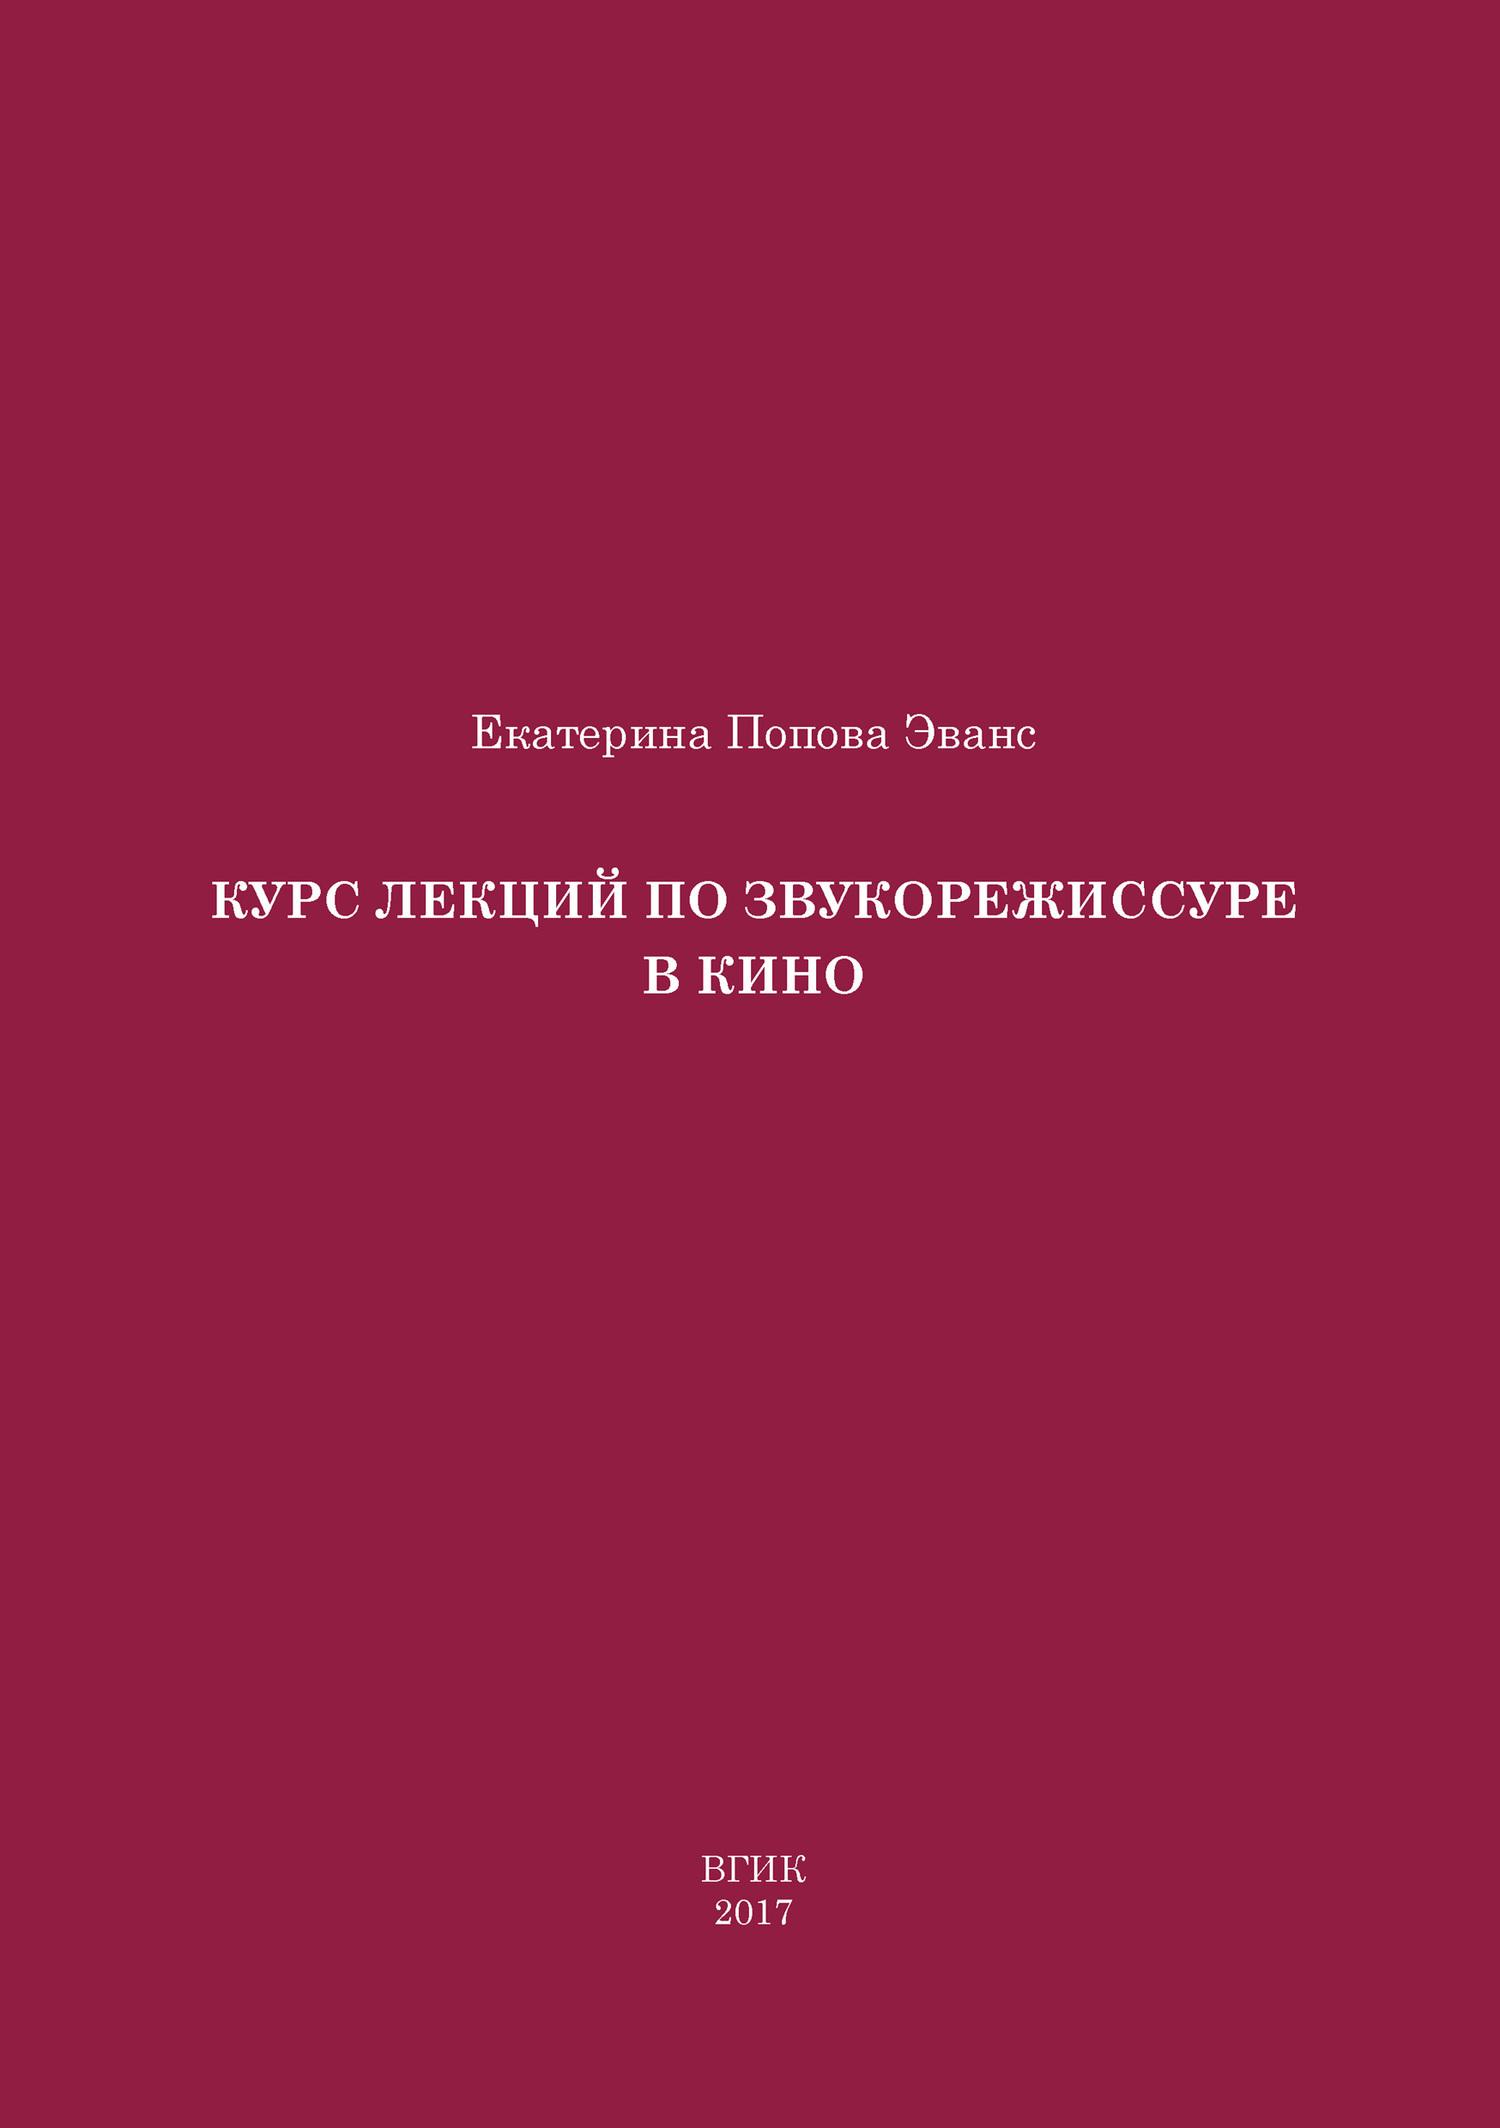 Екатерина Попова Эванс - Курс лекций по звукорежиссуре в кино